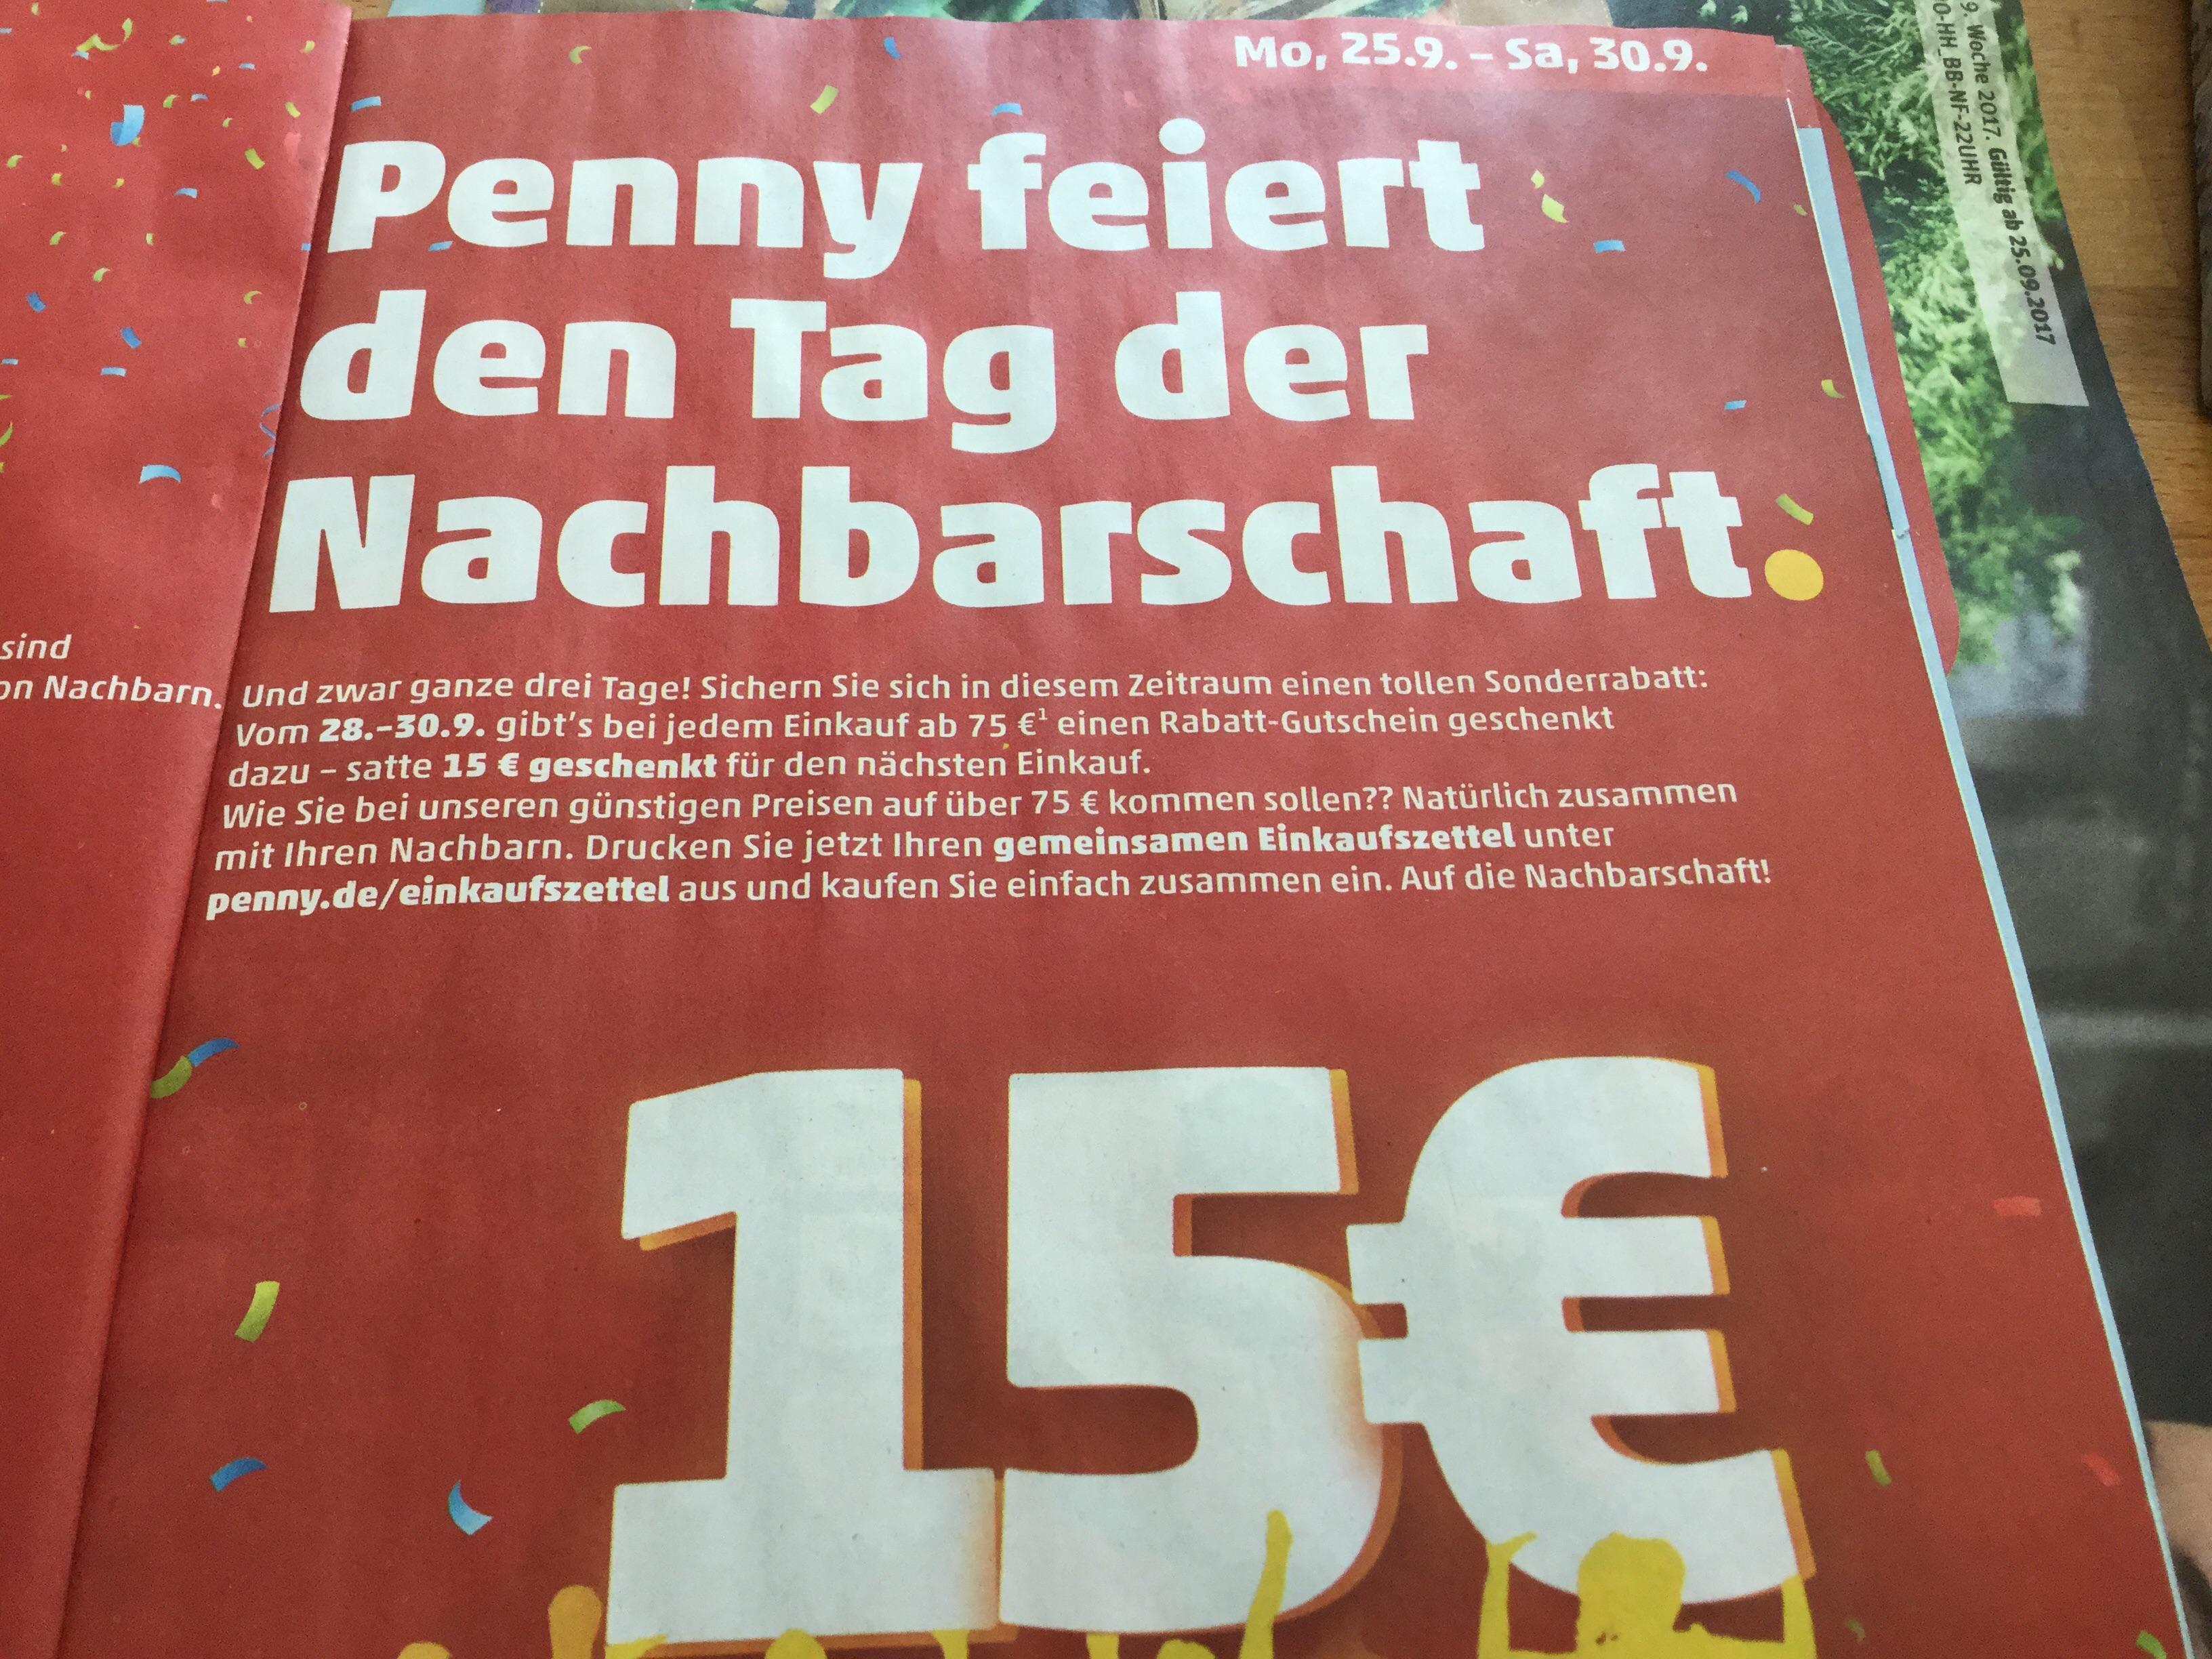 [Penny] >16 % Rabatt durch -> 15 € Rabatt Gutschein für nächsten Einkauf, ab 75€ Einkauf